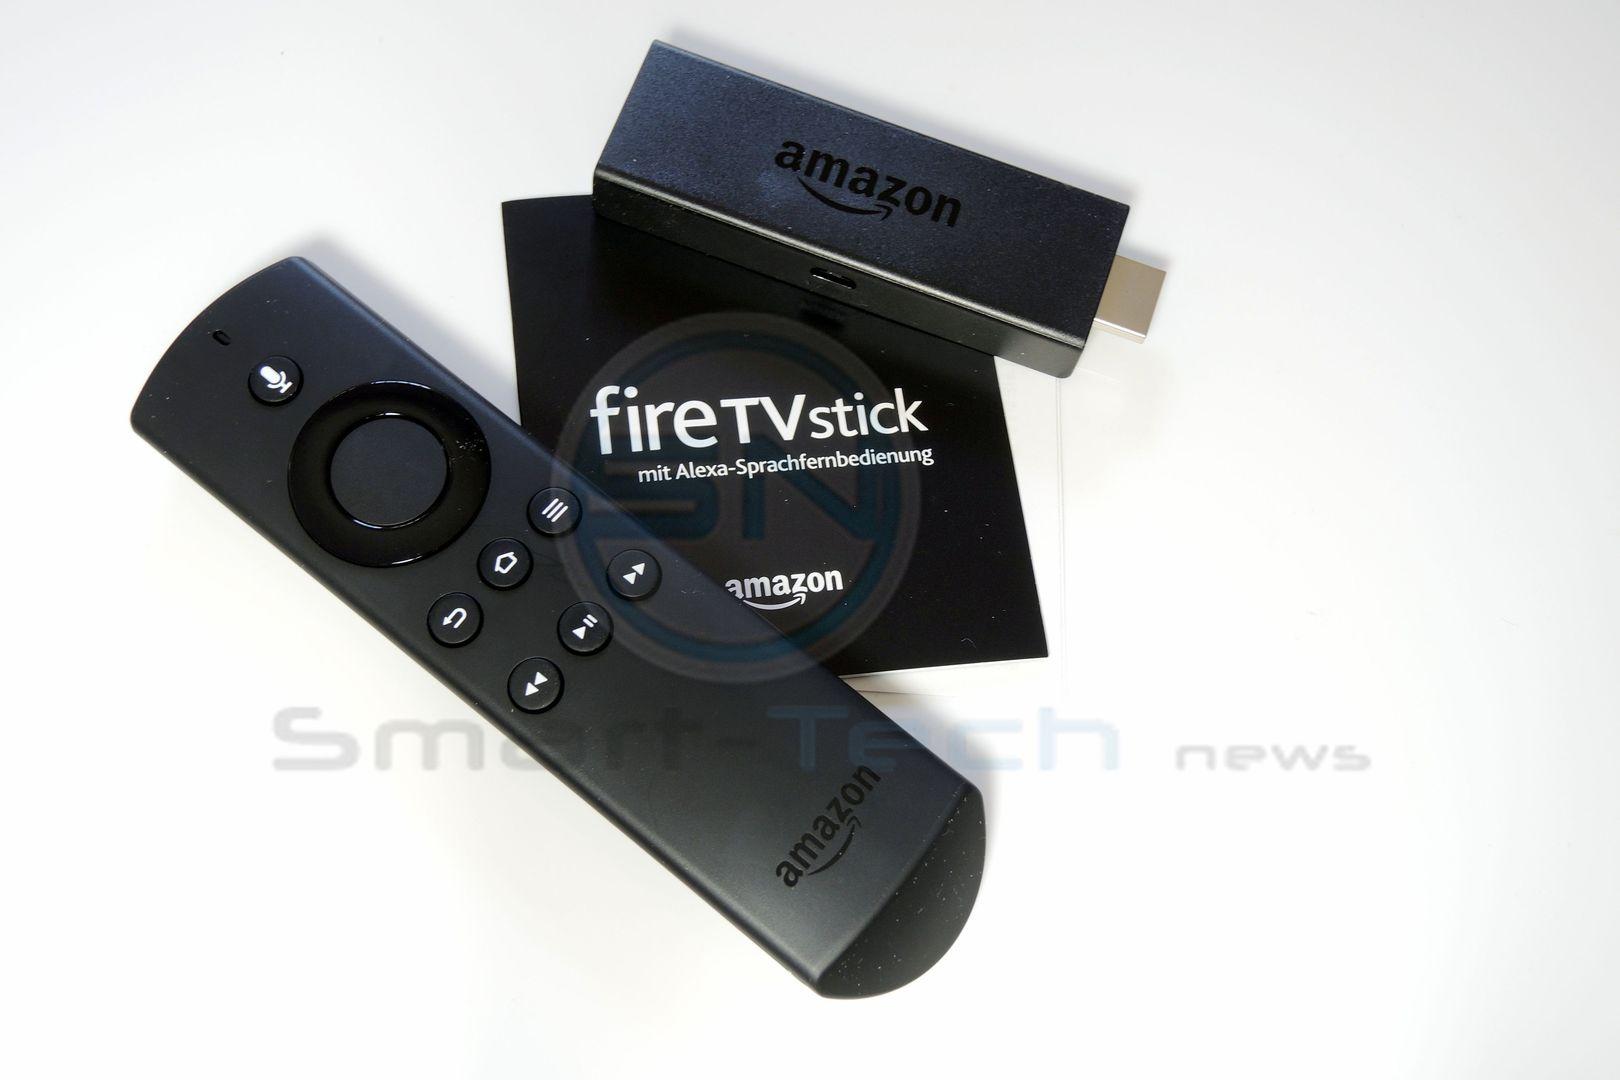 FireTV Stick mit Alexa Sprachsteuerung